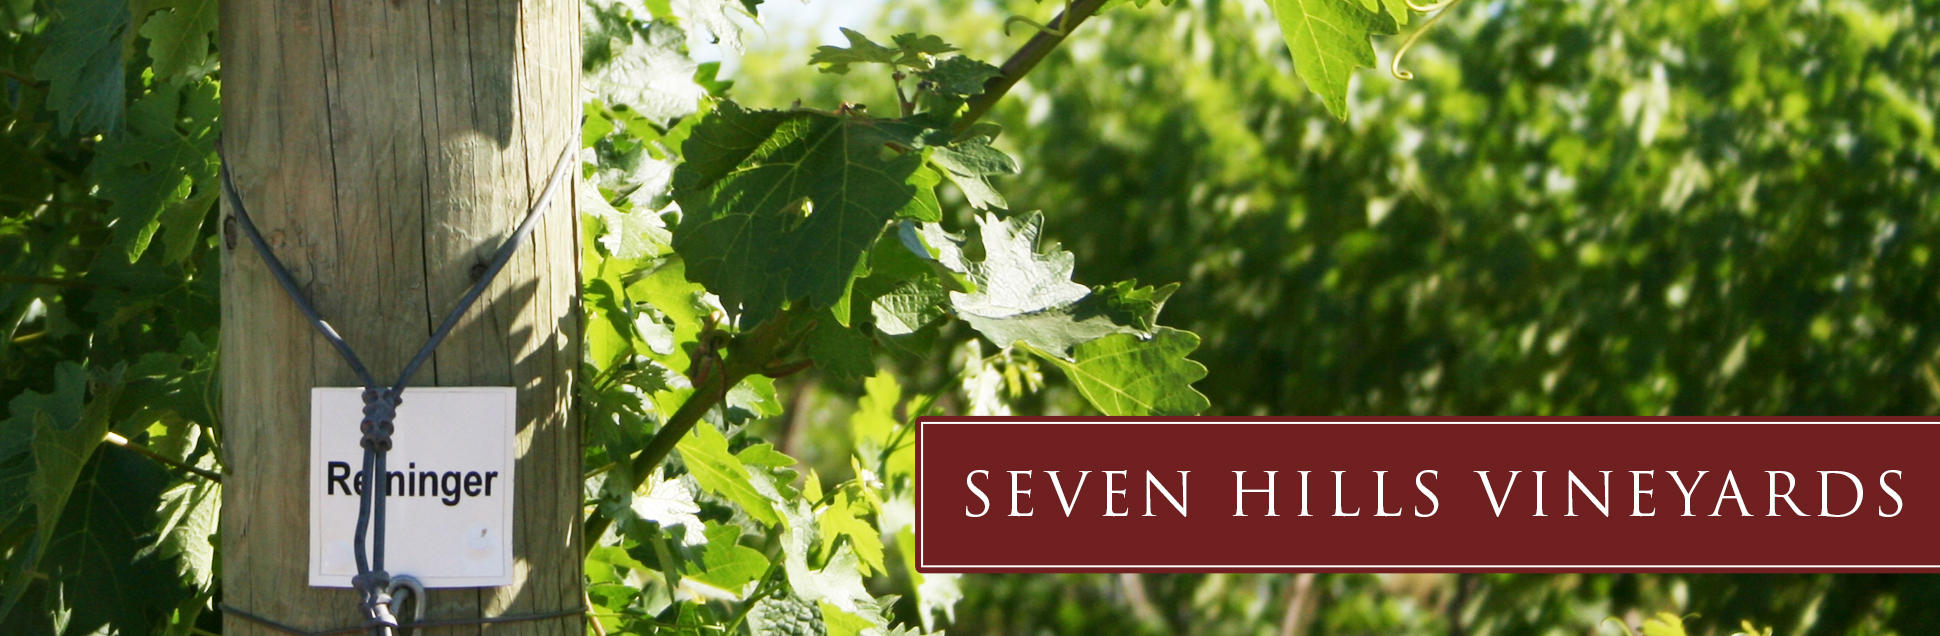 sh-vineyard-buyers.jpg